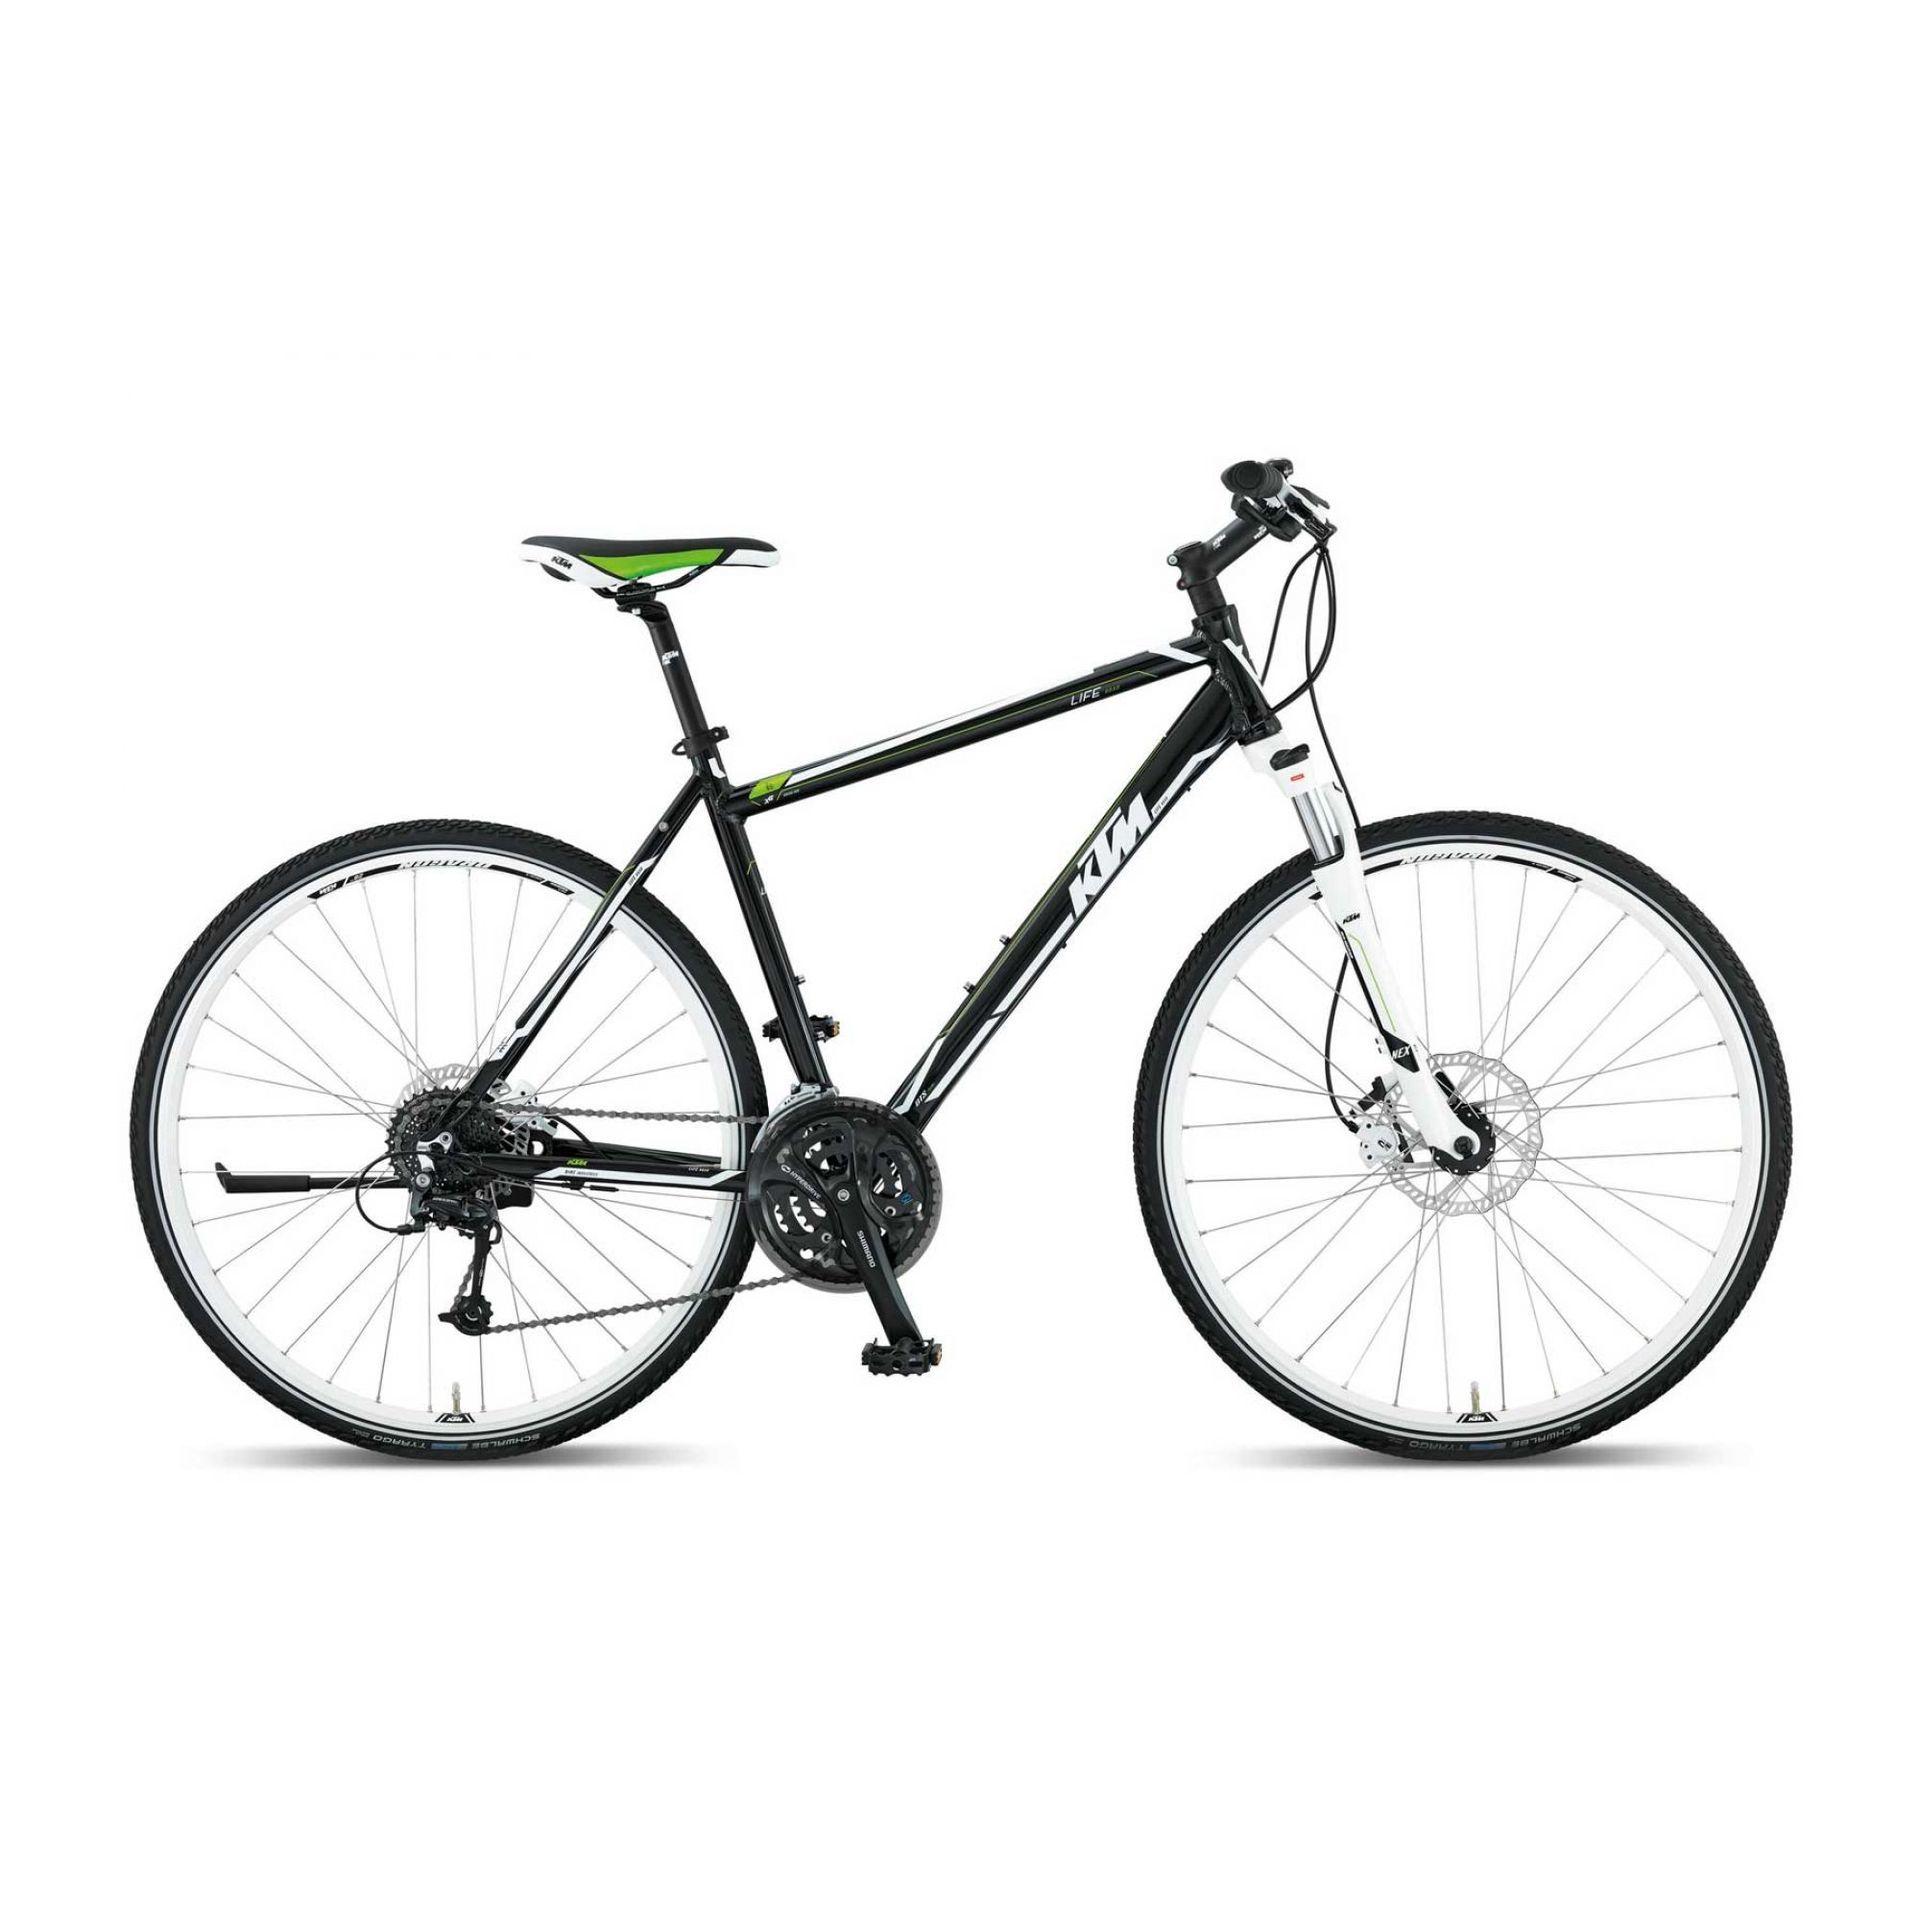 Rower Ktm Life Road czarny|biały|zielony